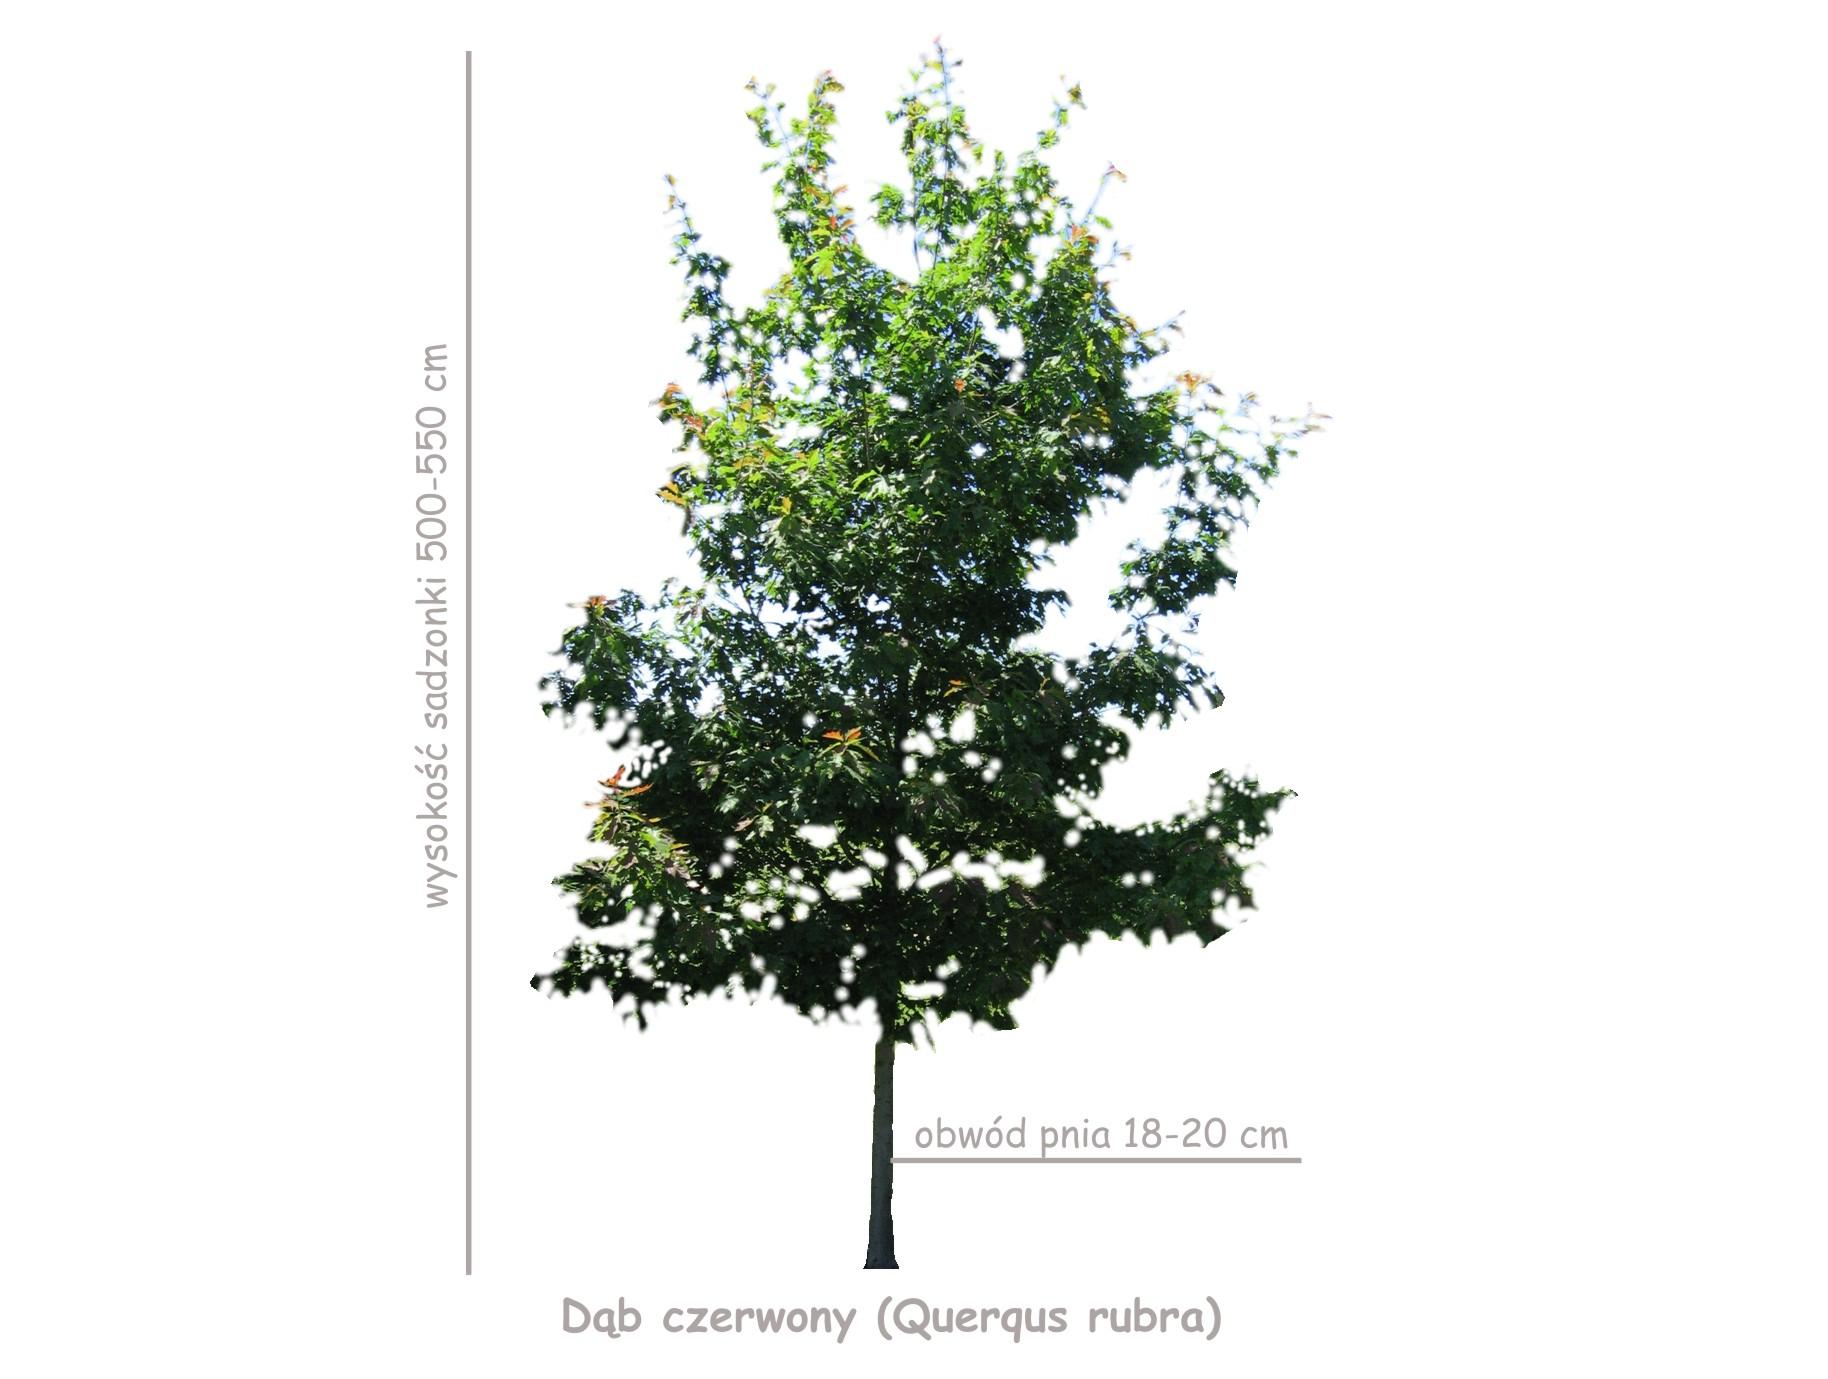 Dąb czerwony (Querqus rubra) sadzonka o obwodzie 18-20 cm, wysokość 500-550 cm.